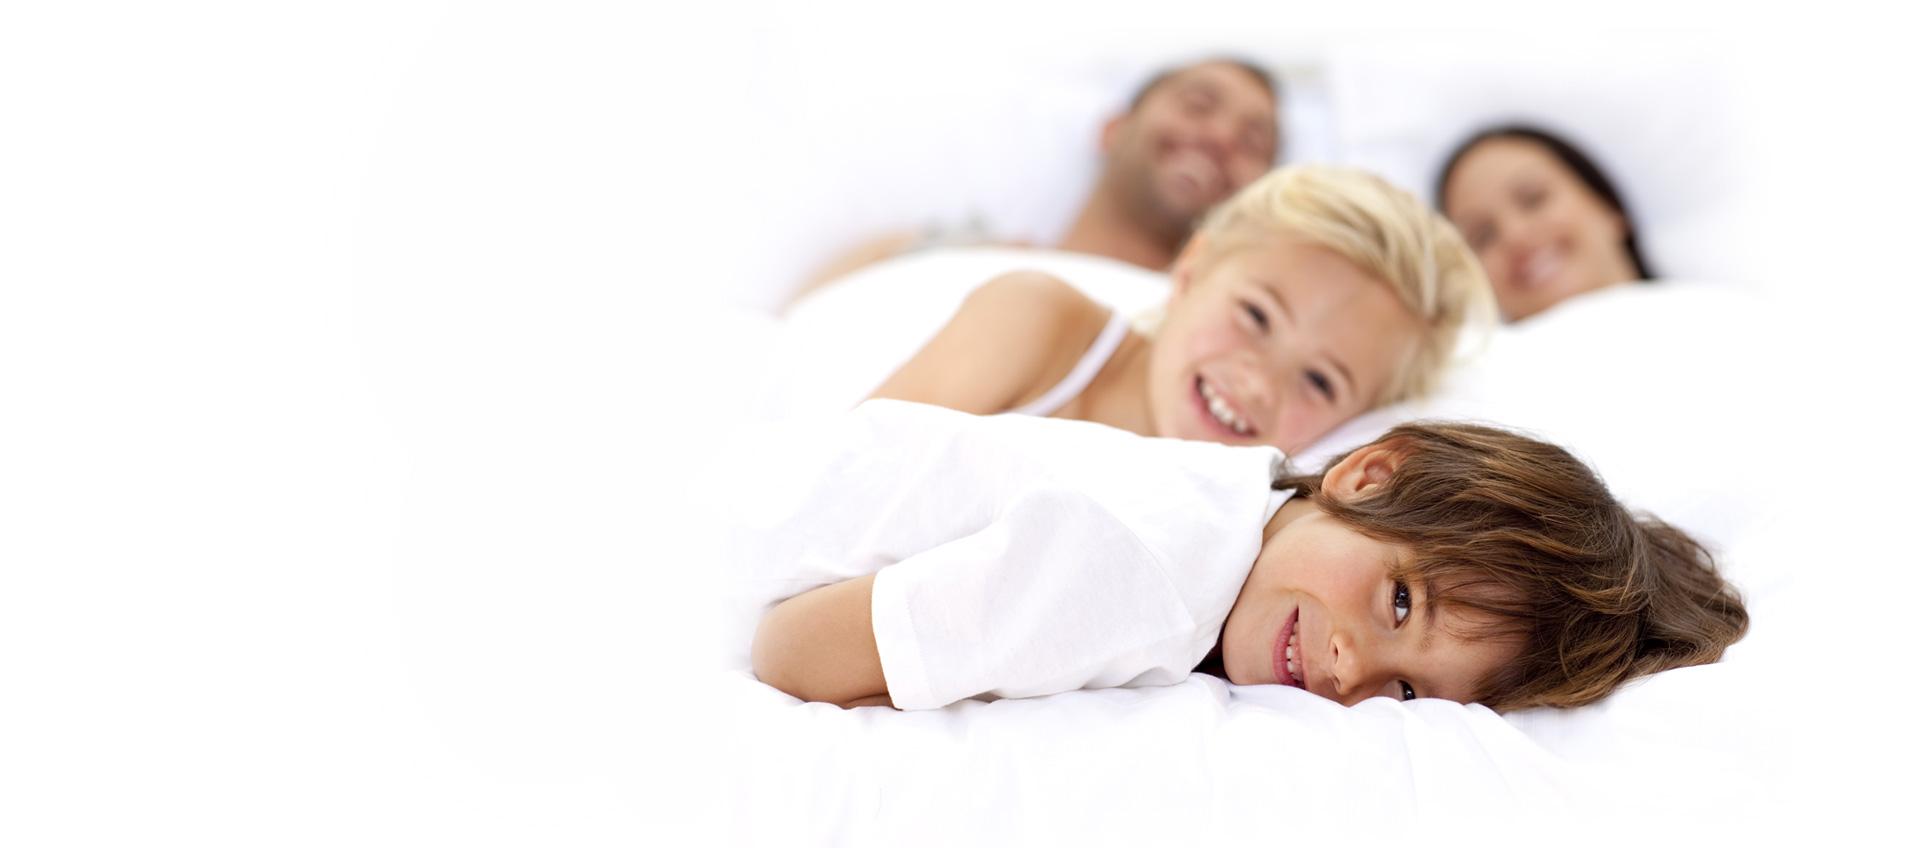 כיצד יוצרים חדר נוח ויפה במיוחד לילדים?